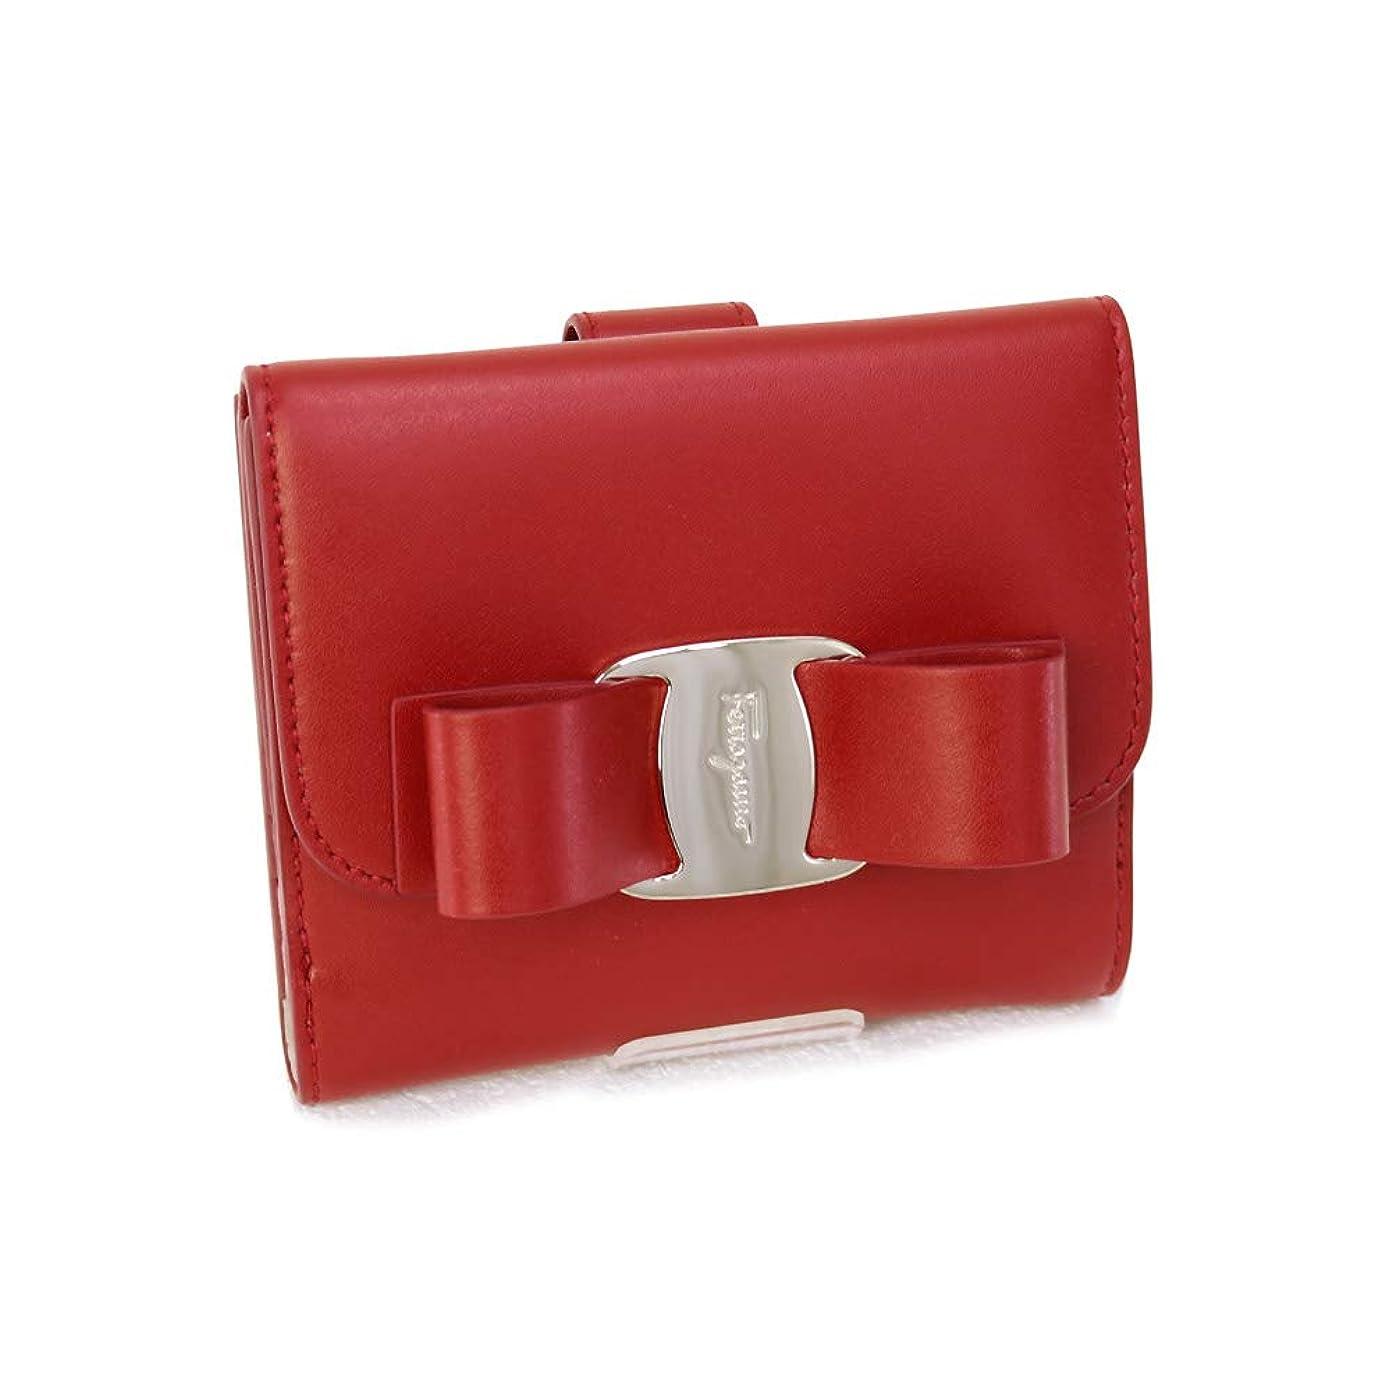 うれしい卒業周囲[サルヴァトーレ フェラガモ] Salvatore Ferragamo 財布 ヴァラリボン 折財布 カーフ レッド (22 D268 0691206 LIPSTICK) 19SS [並行輸入品]